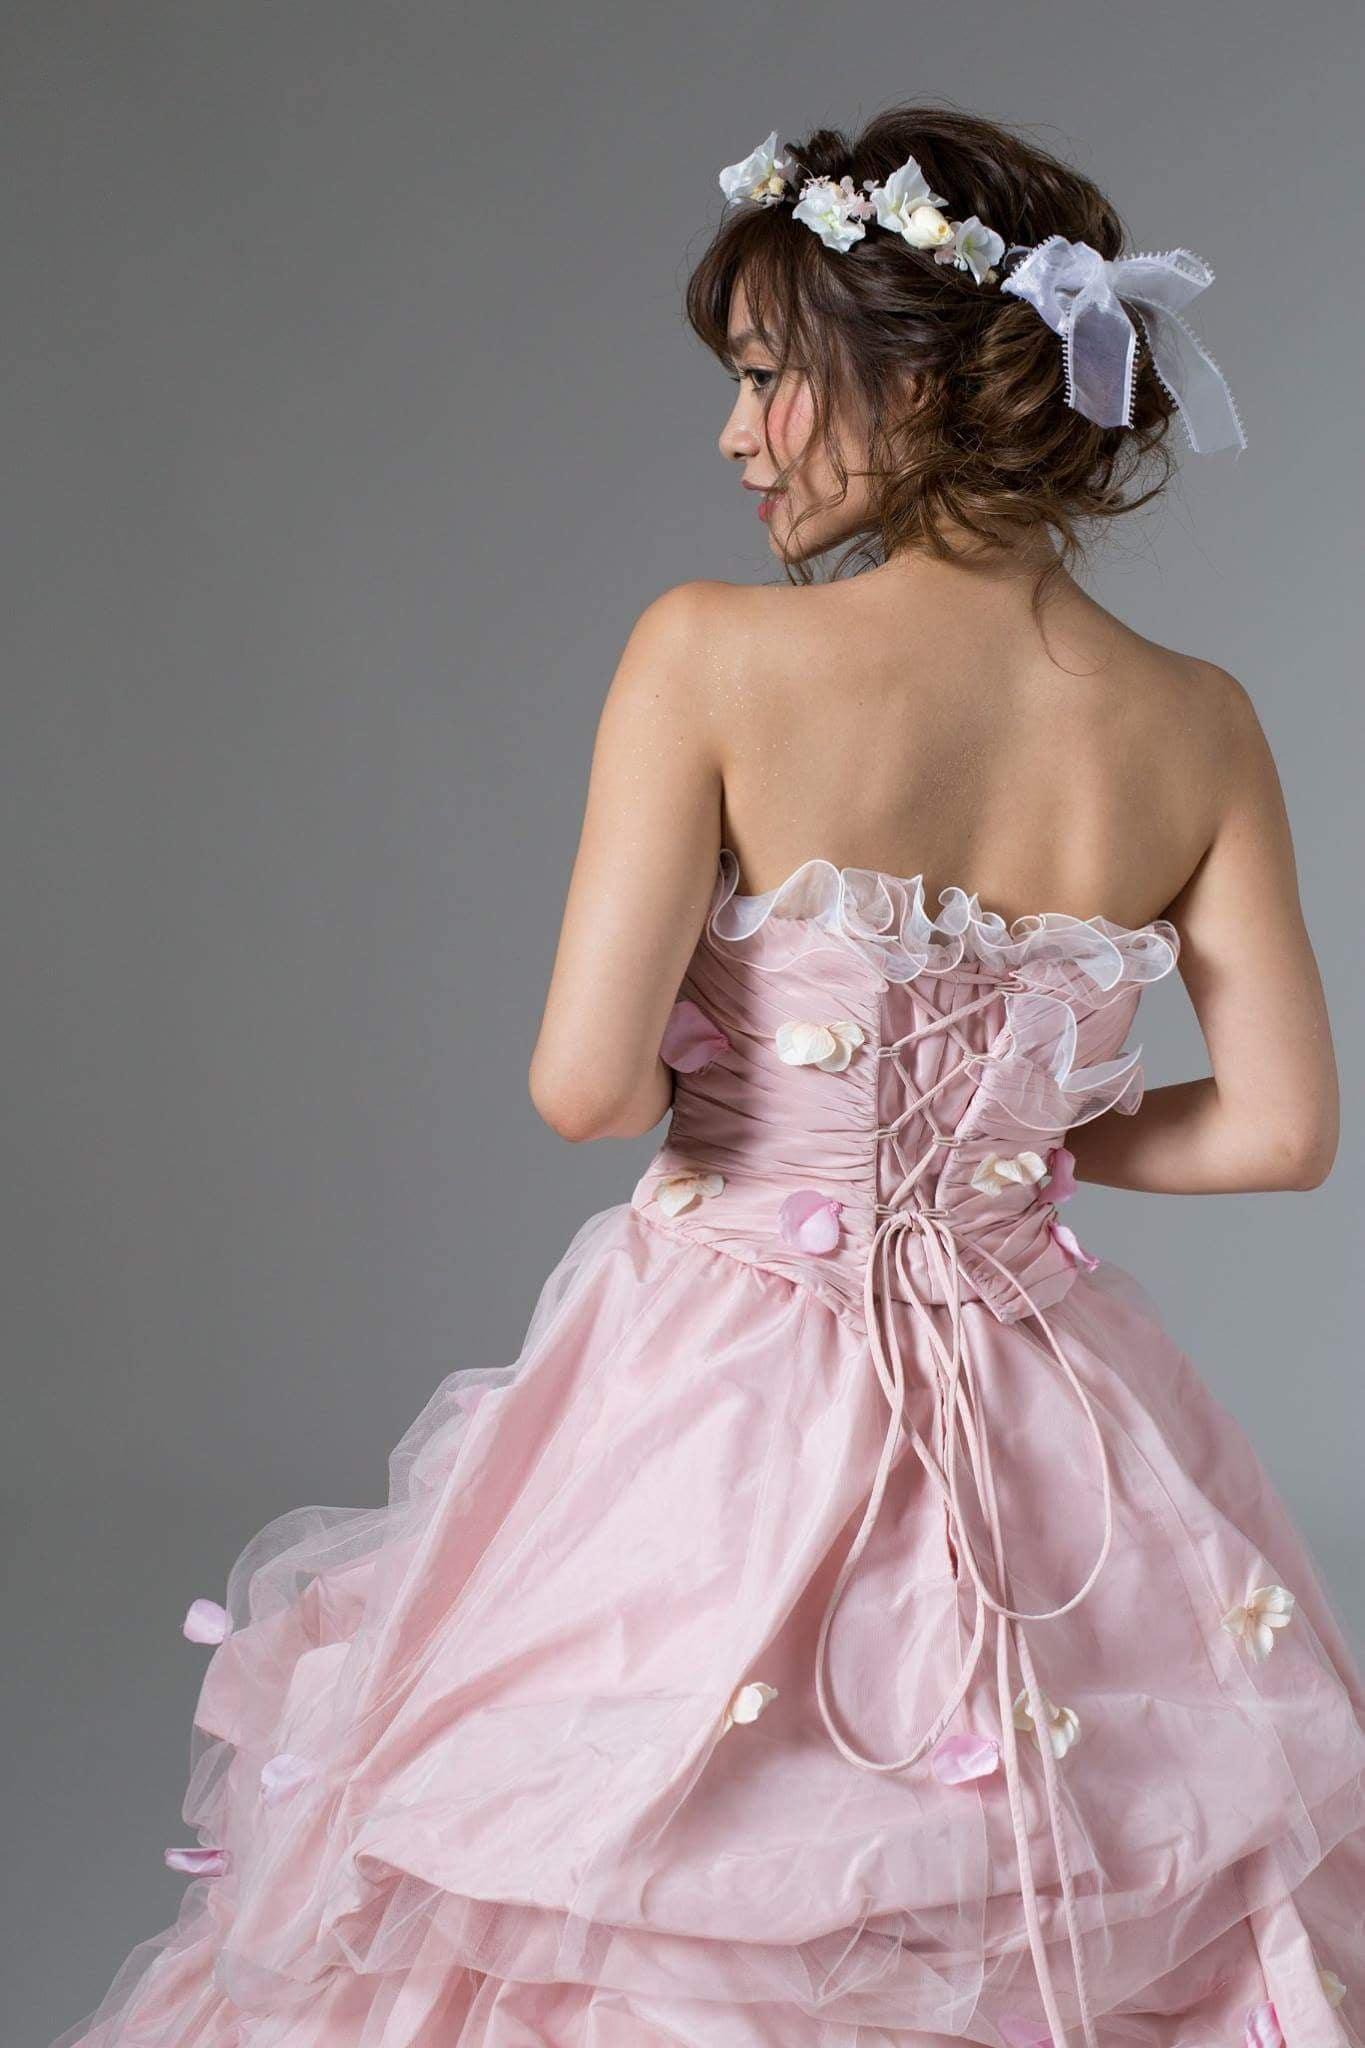 レンタルウエディングドレス(プリンセスピンクレディー)のイメージその5